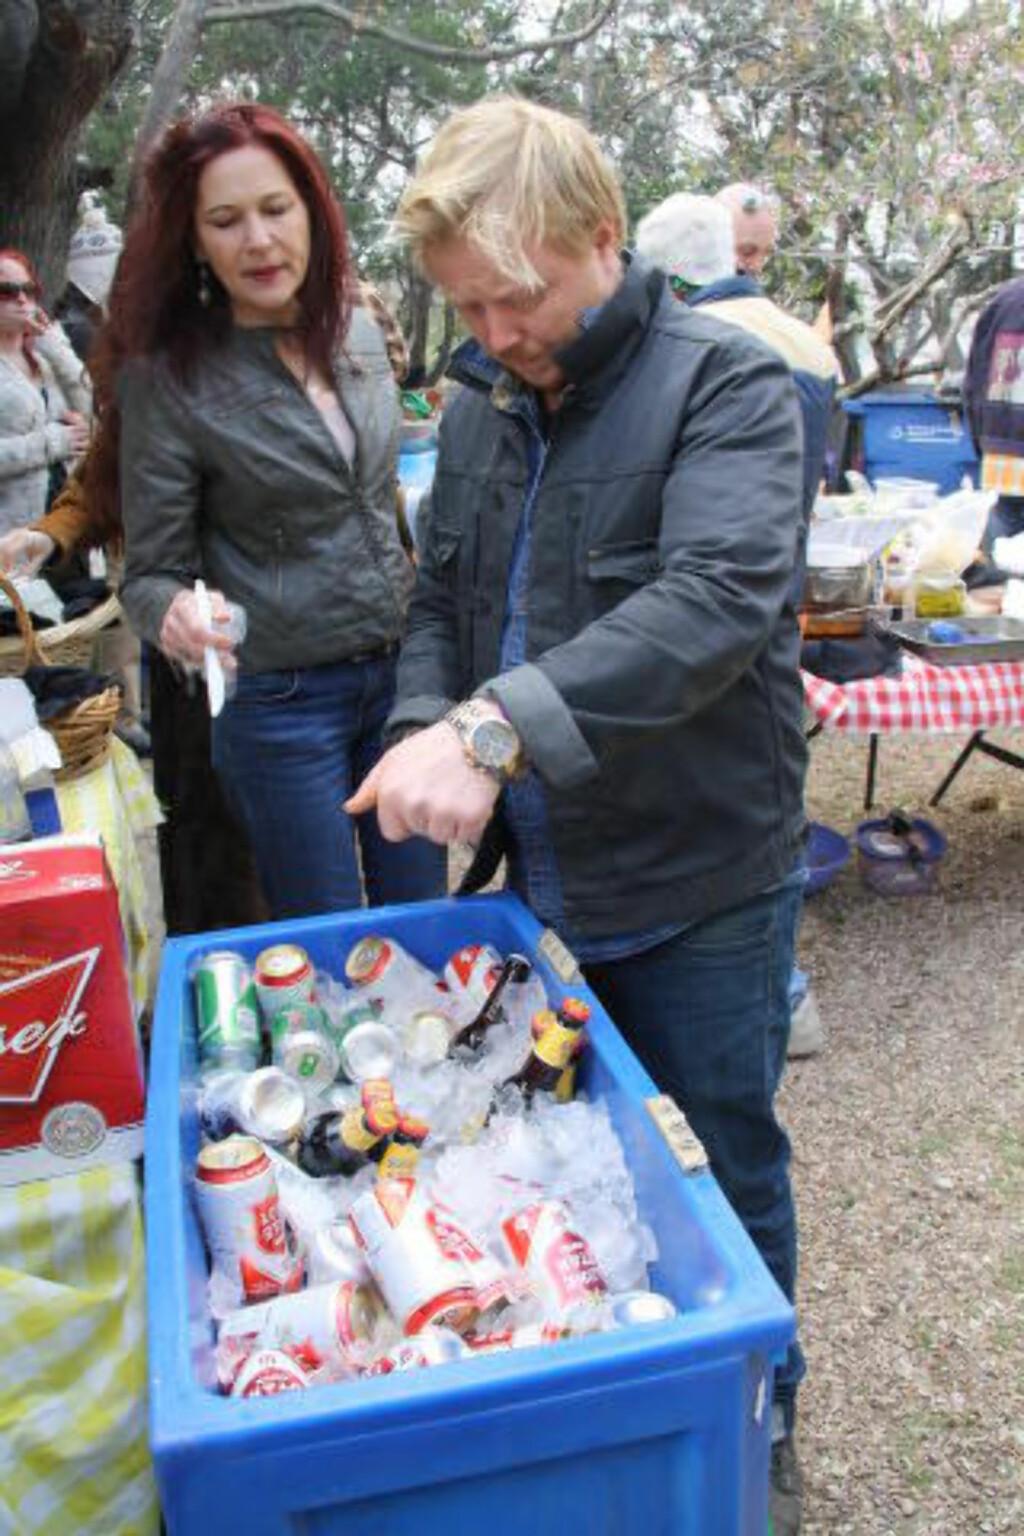 FORLANGTE AUTOGRAF: Kurt Nilsen får øltips fra Sharon Bonnier fra Austin. Publikum tar med eget øl, som legges på is. Det blir alltid tomt. Etter konserten forlangte hun autograf. Foto: Øyvind Rønning / Dagbladet